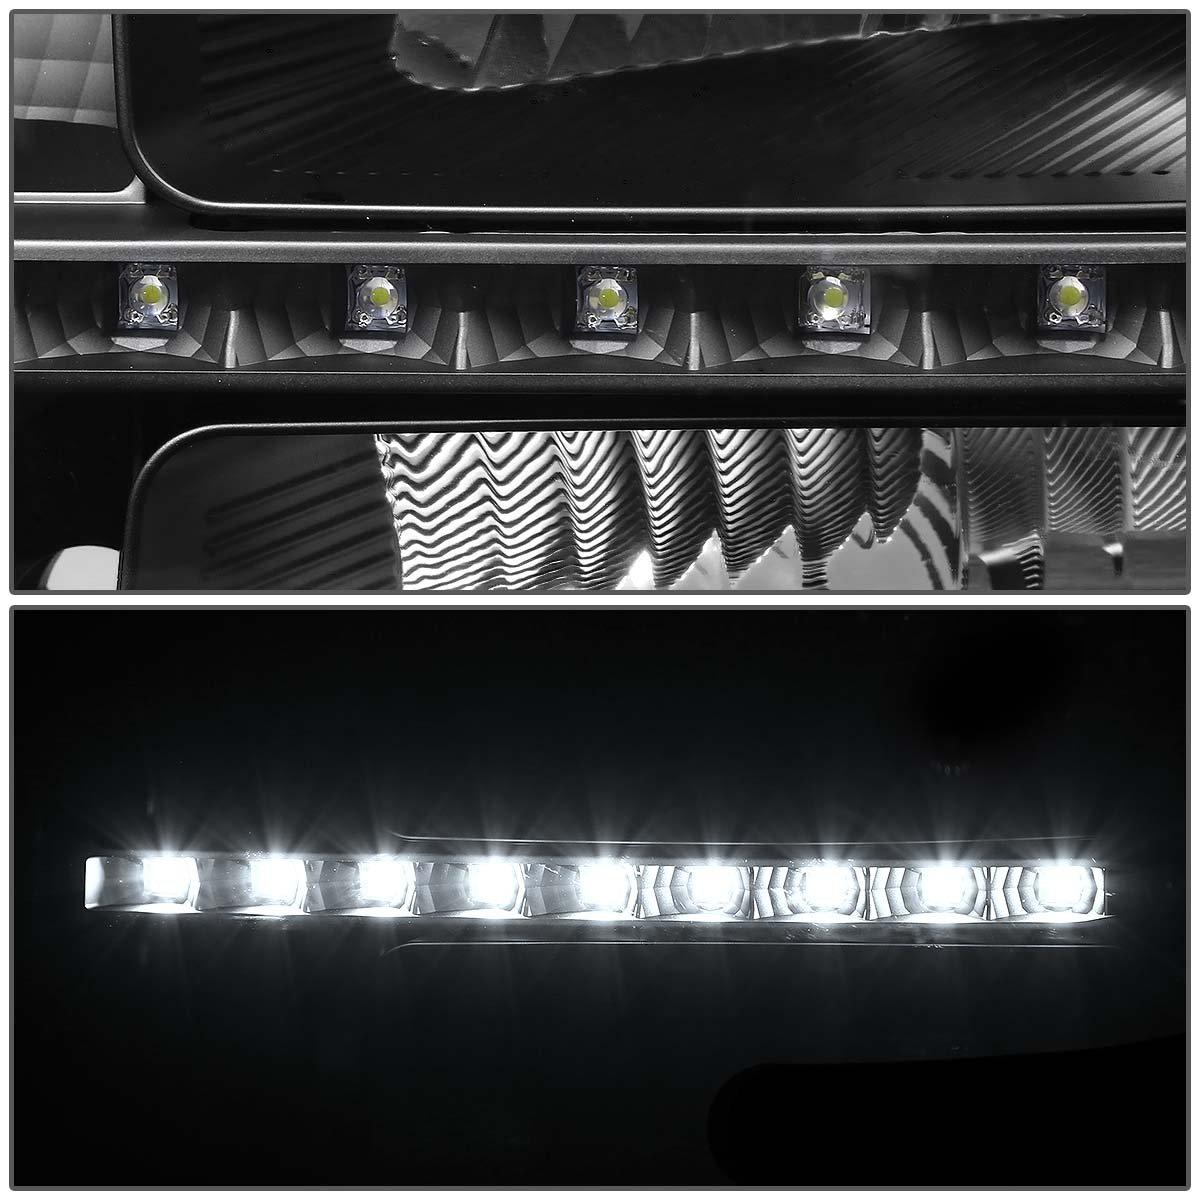 HL-LED-GMCSIE07-BK-AM DNA Motoring HLLEDGMCSIE07BKAM LED Headlight Driver /& Passenger Side